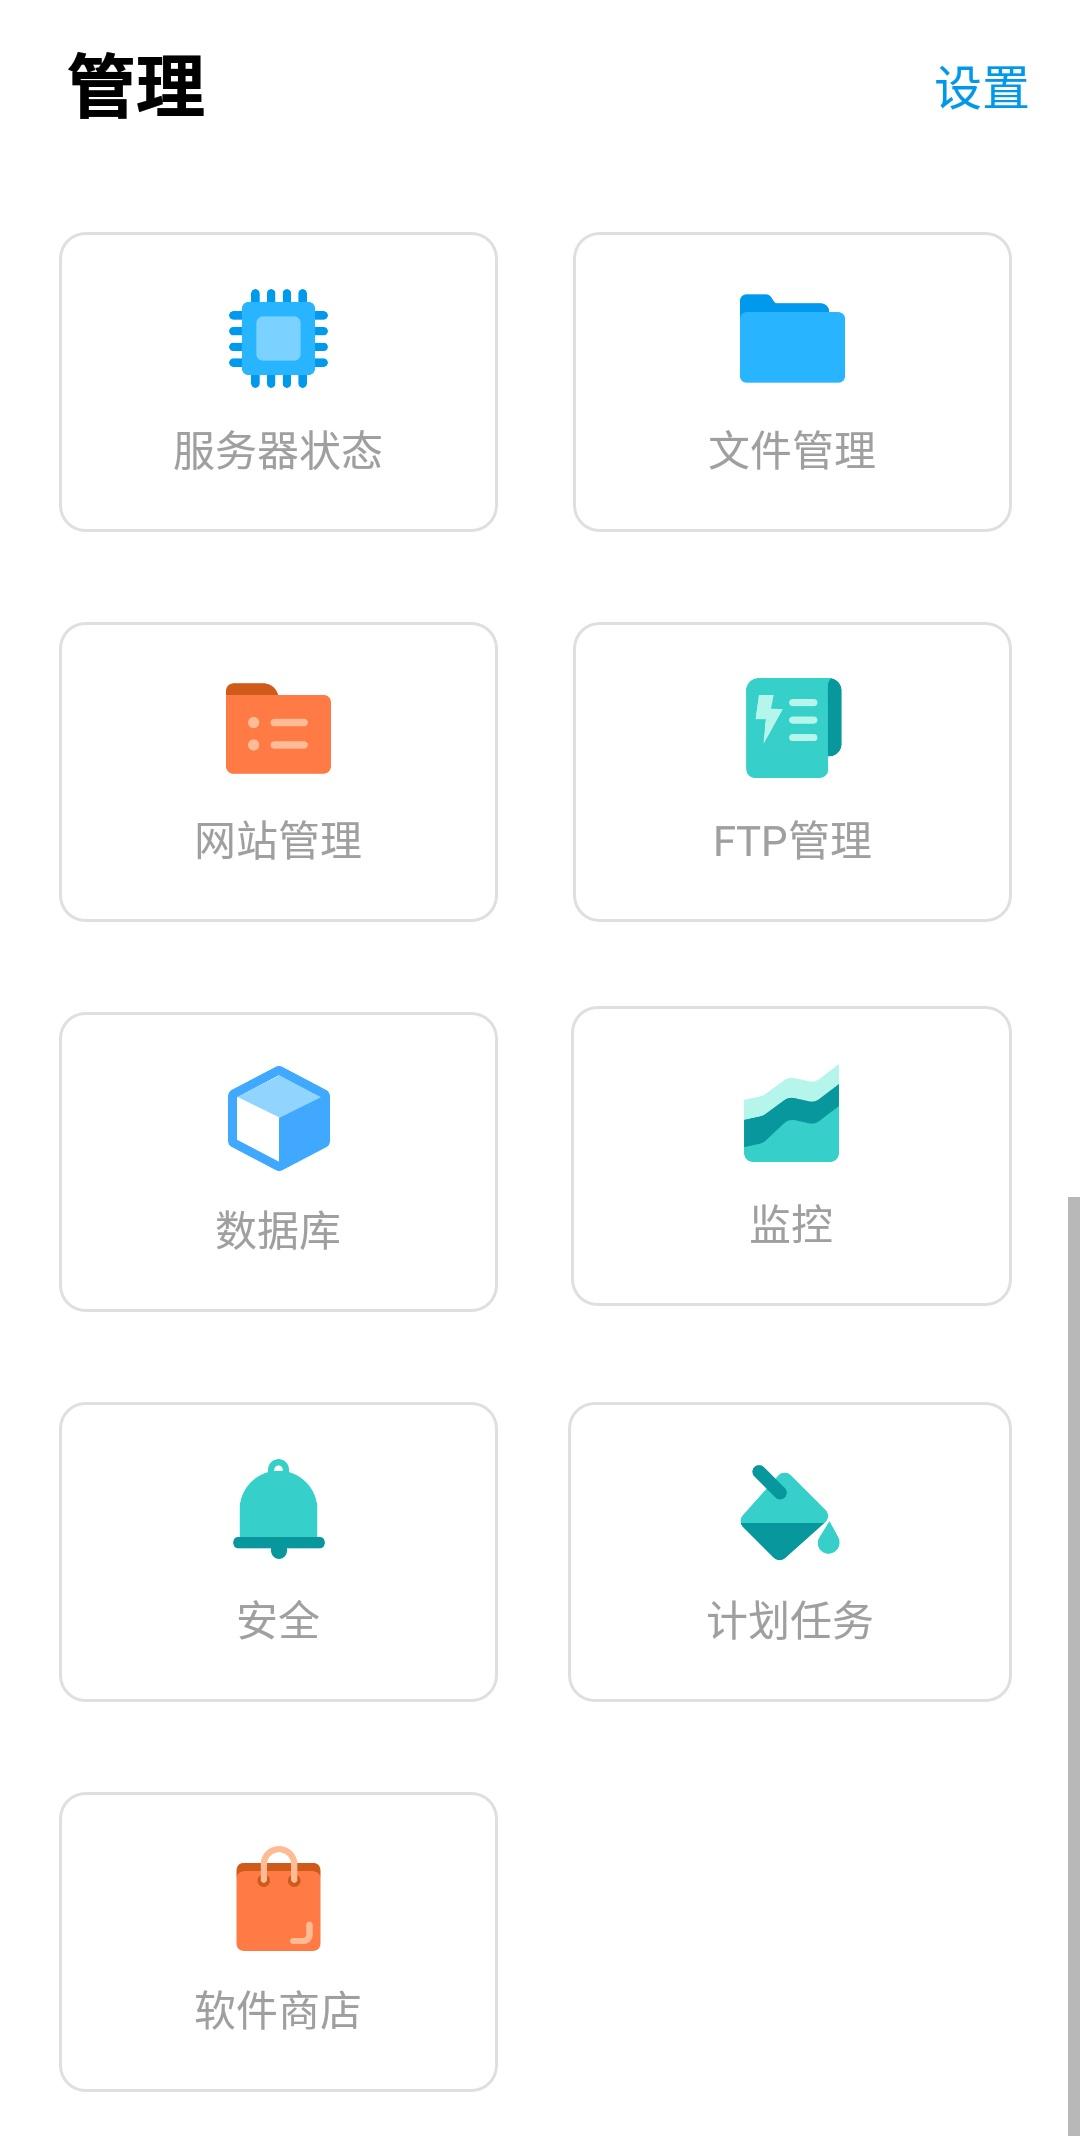 【原创工具】宝塔助手手机端App1.0测试版